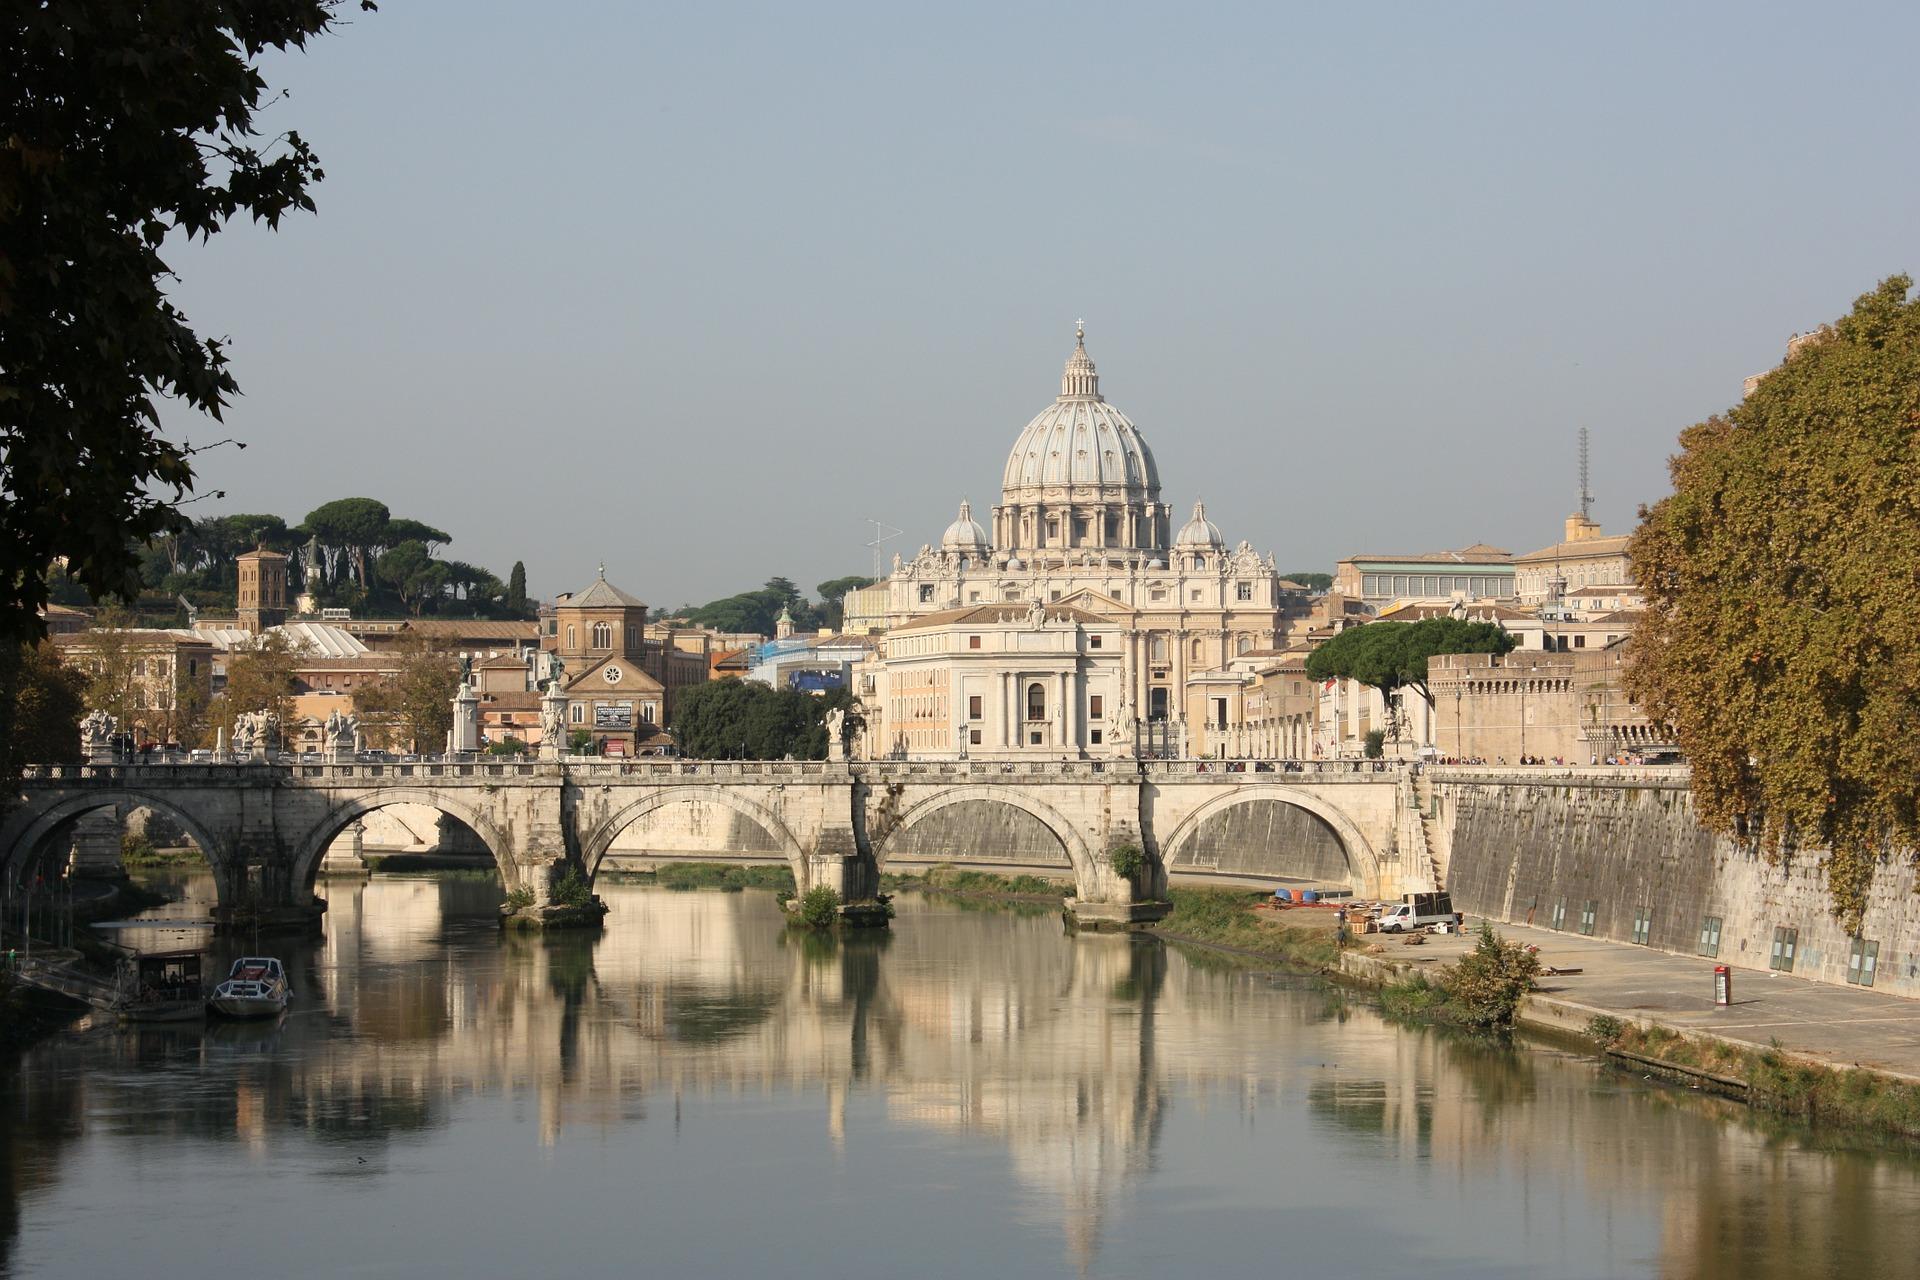 Übernachten in Rom ab 11,38€ die Nacht im Bungalow Italien City Pass 28,00€ 2